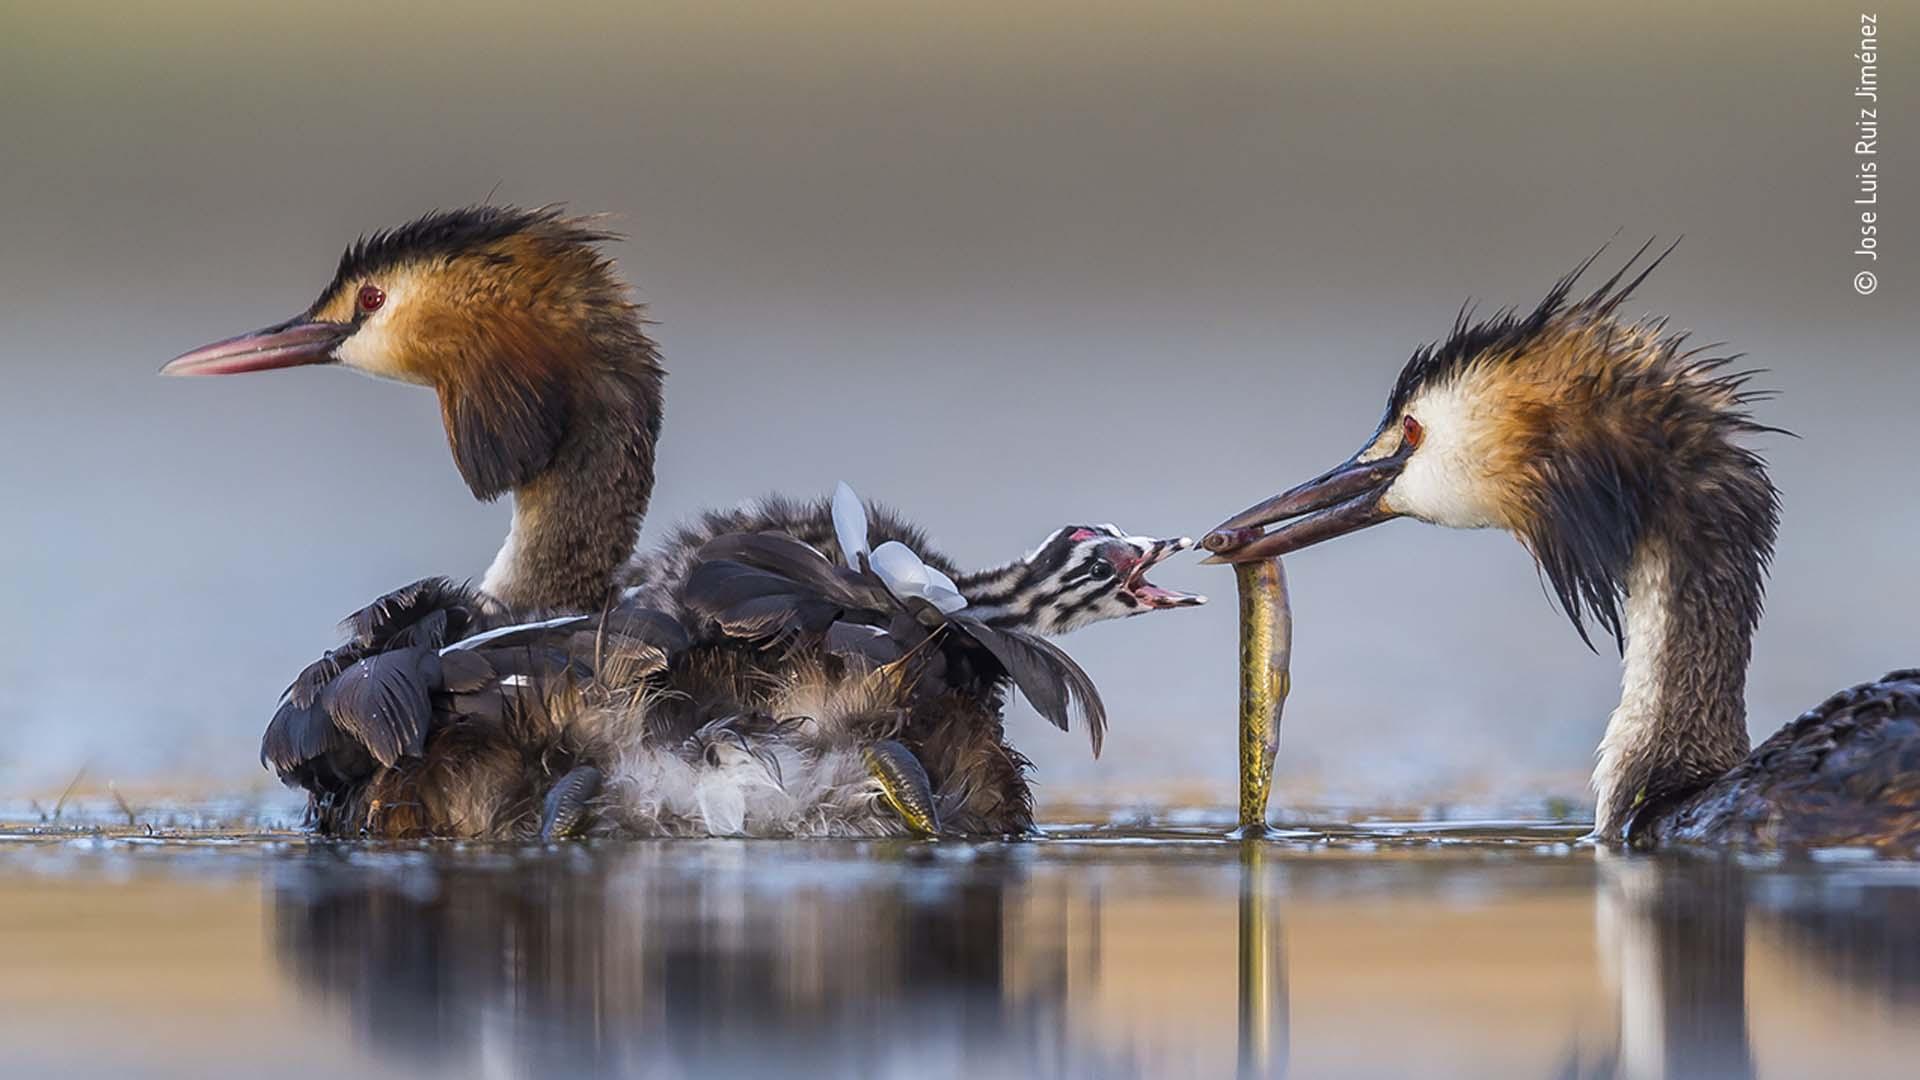 © Jose Luis Ruiz Jiménez, Wildlife Photographer of the Year 2020